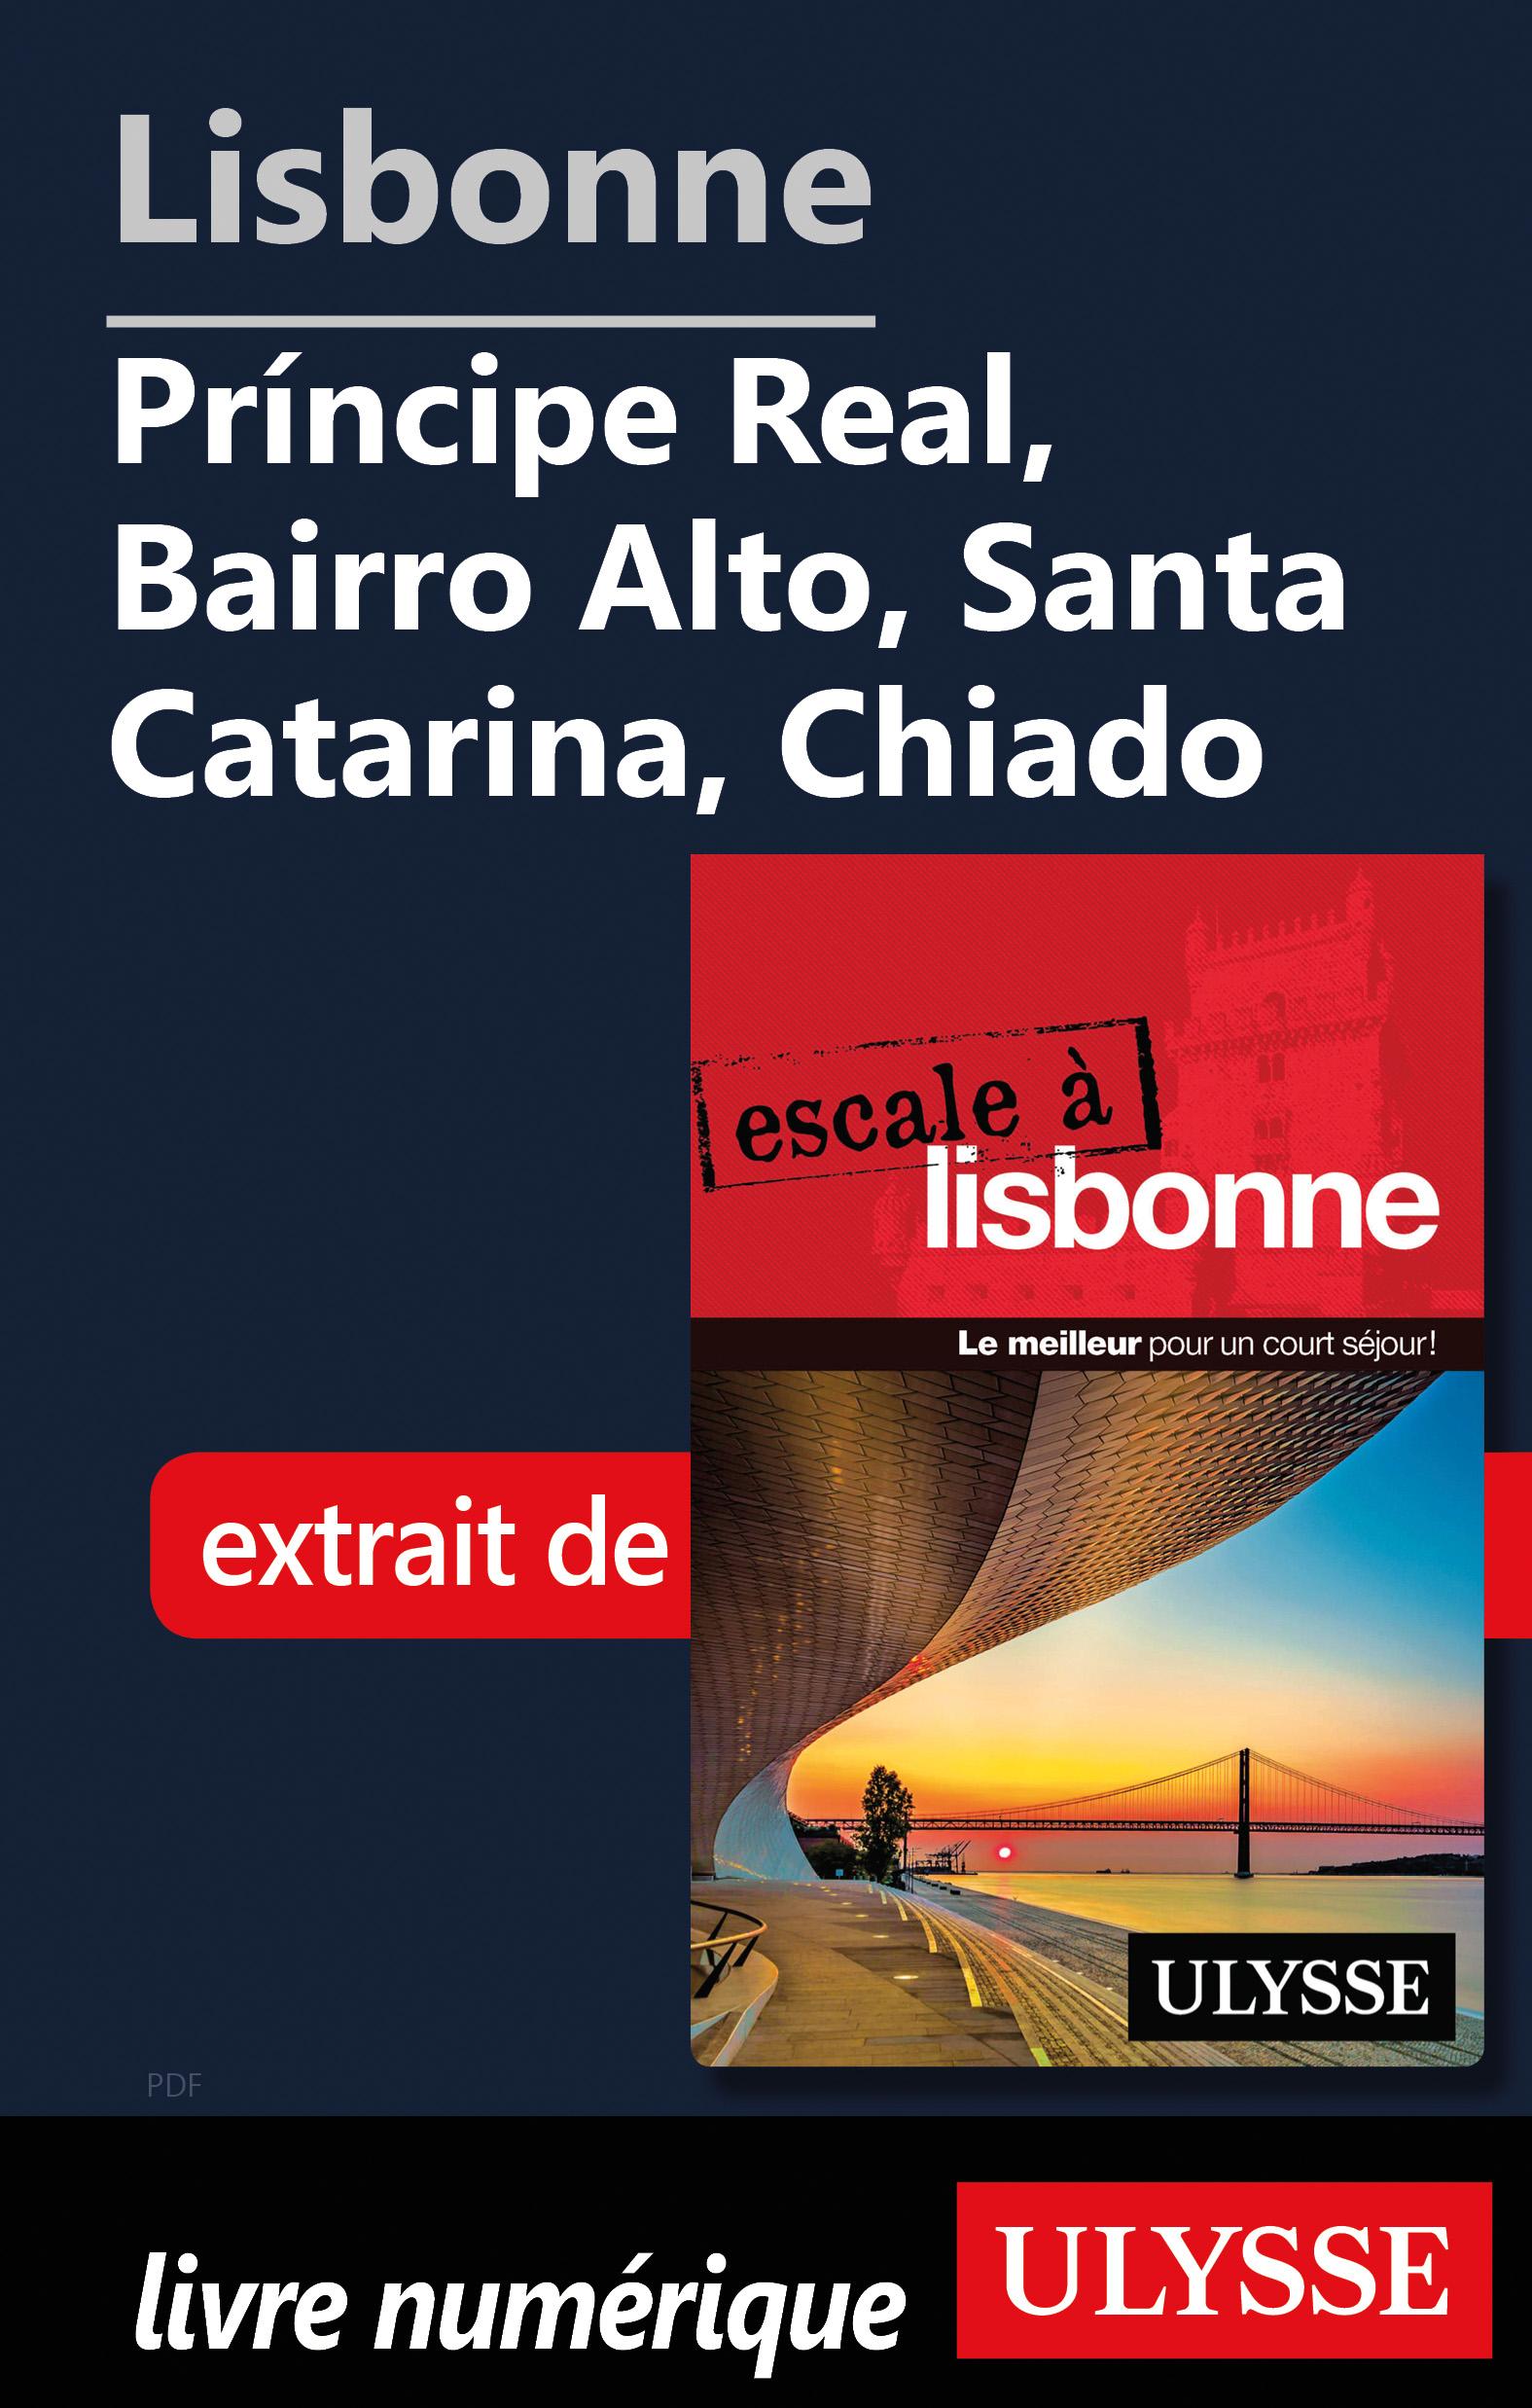 Lisbonne -Príncipe Real, Bairro Alto, Santa Catarina, Chiado